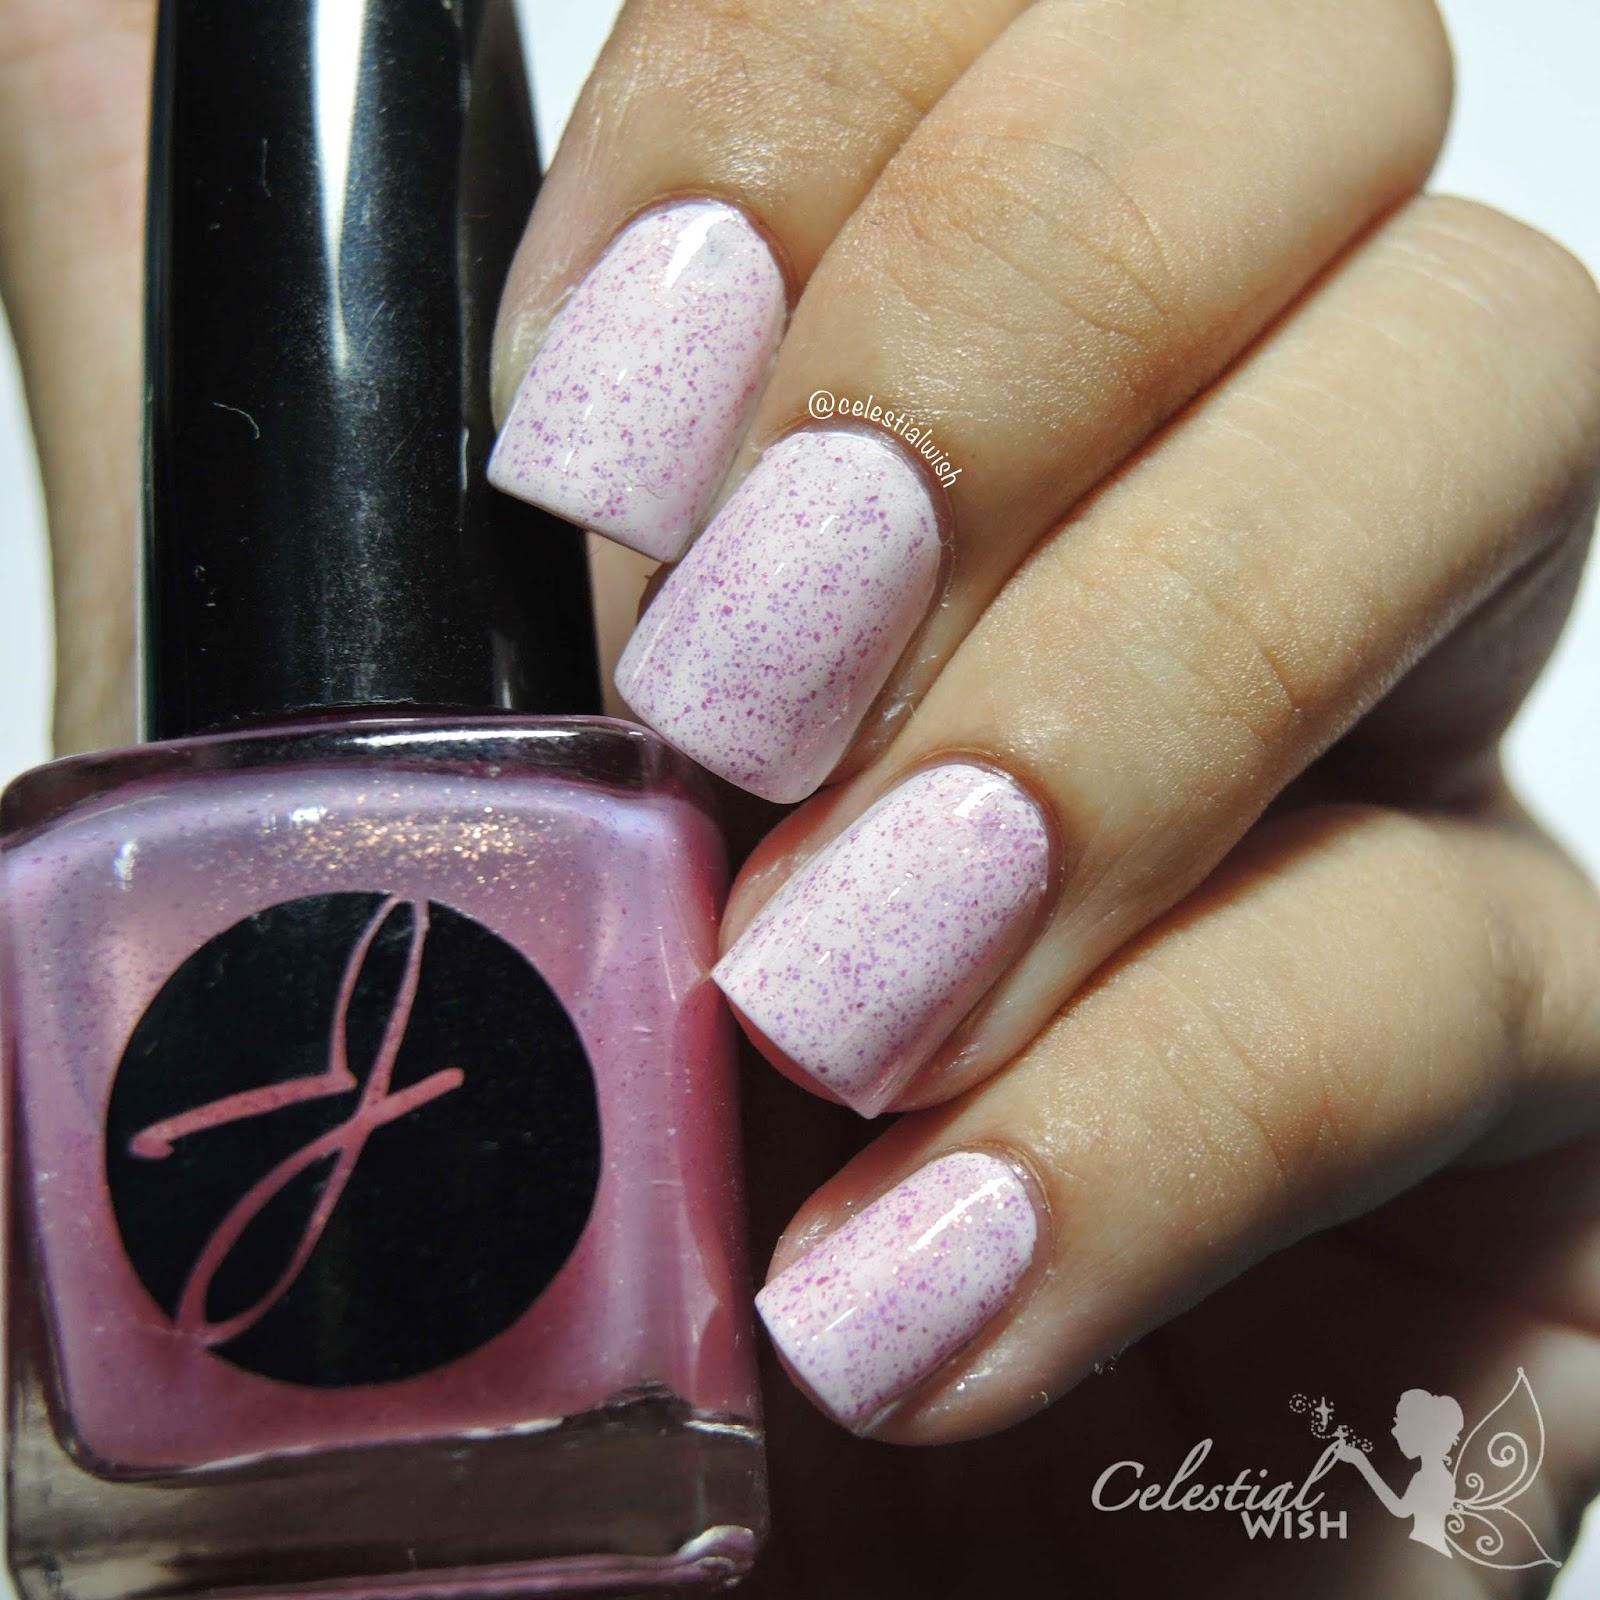 Jior Couture's Rasberry Smothie